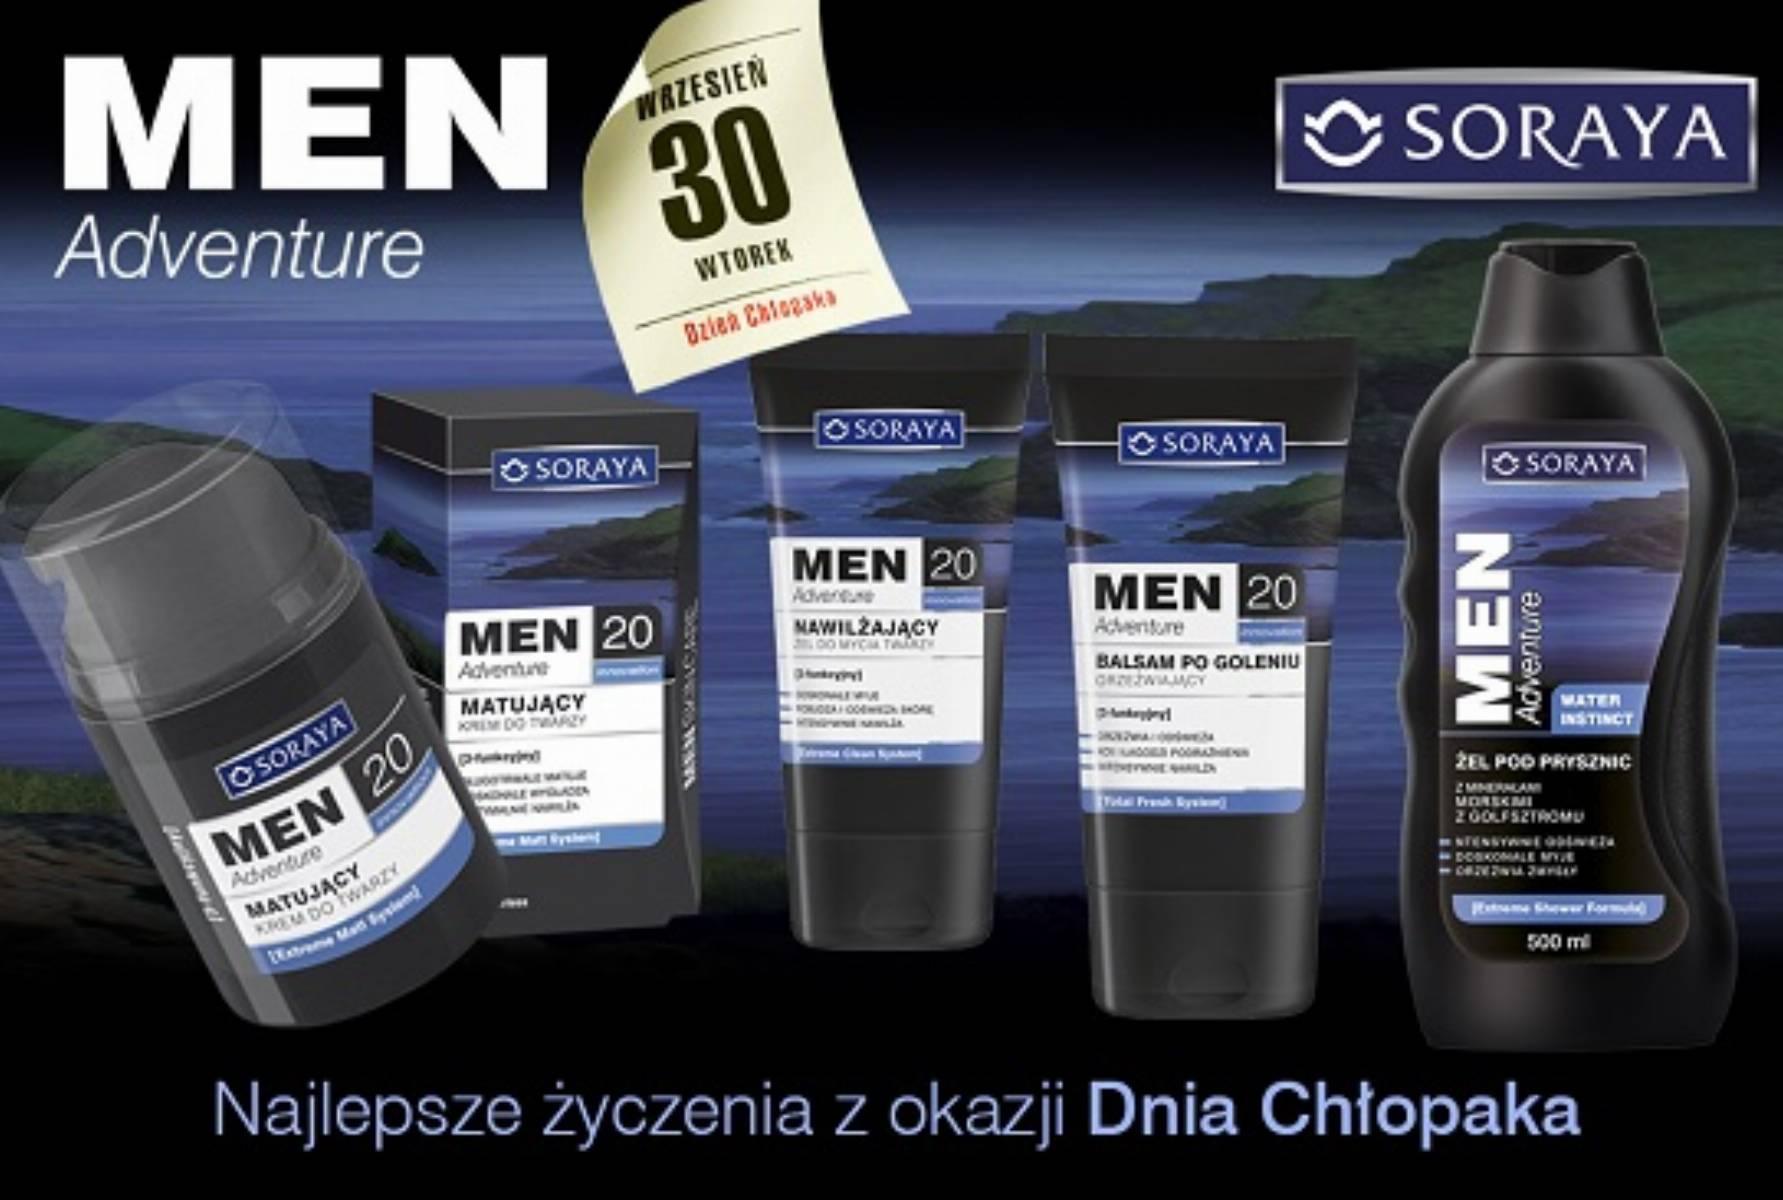 Soraya Men Adventure 20+